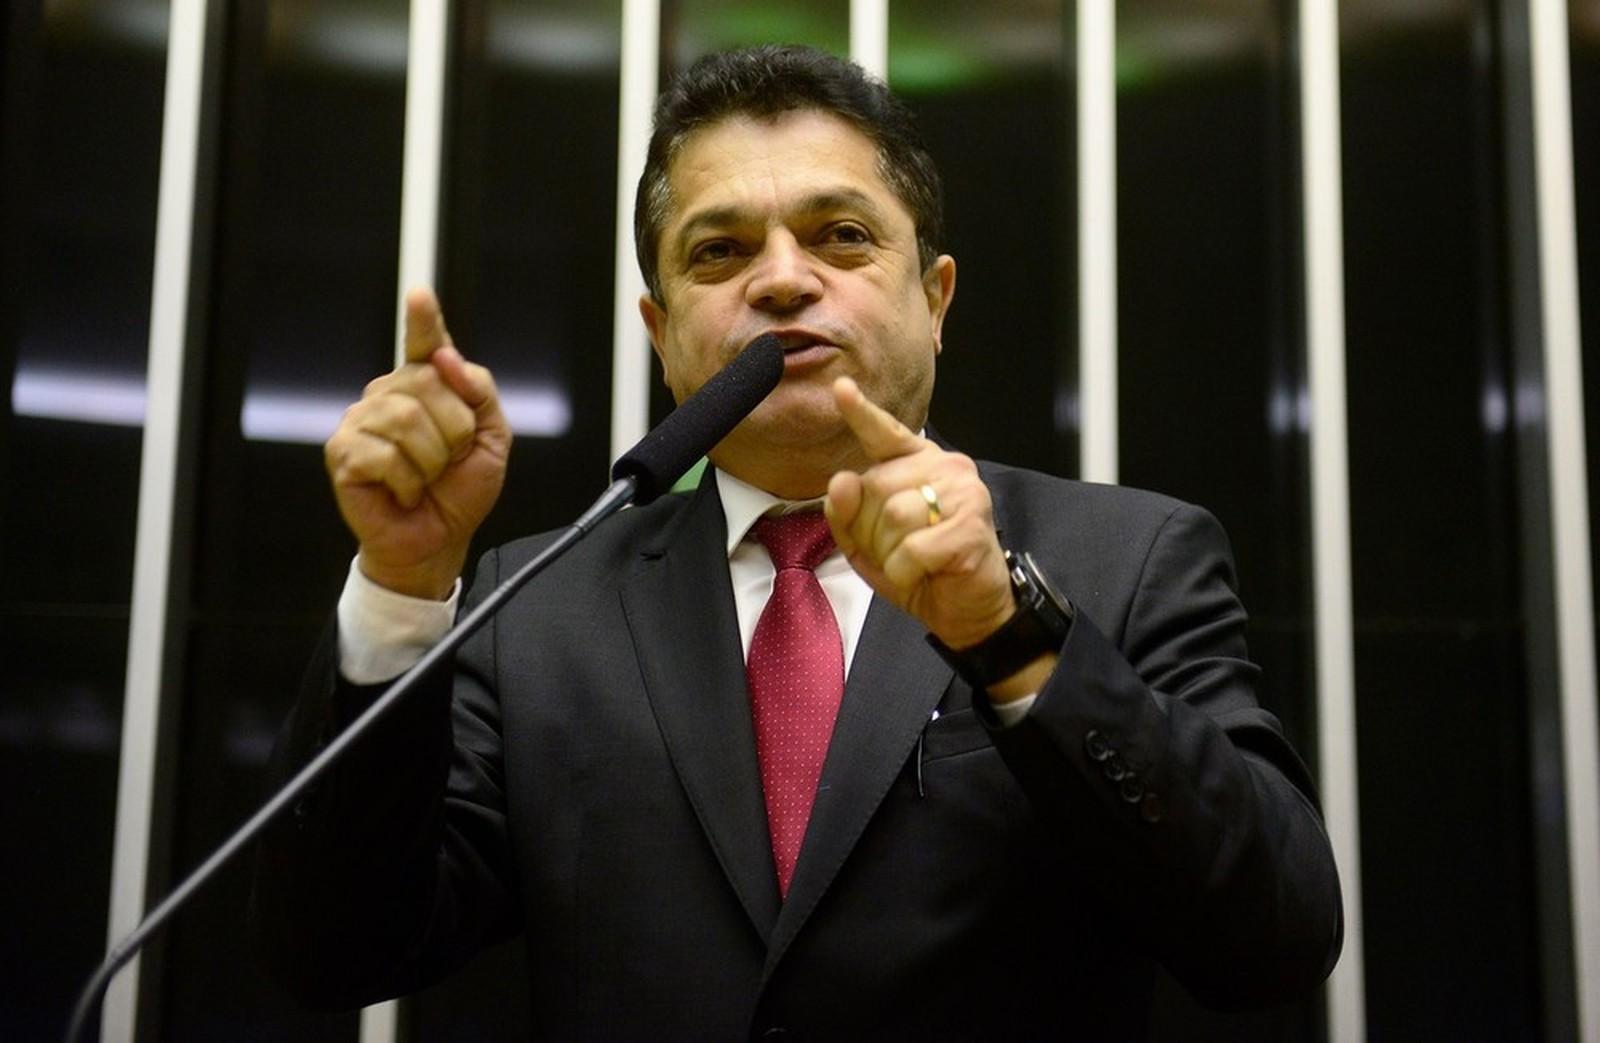 STJ concede habeas corpus a deputado federal João Rodrigues por prescrição de prazo